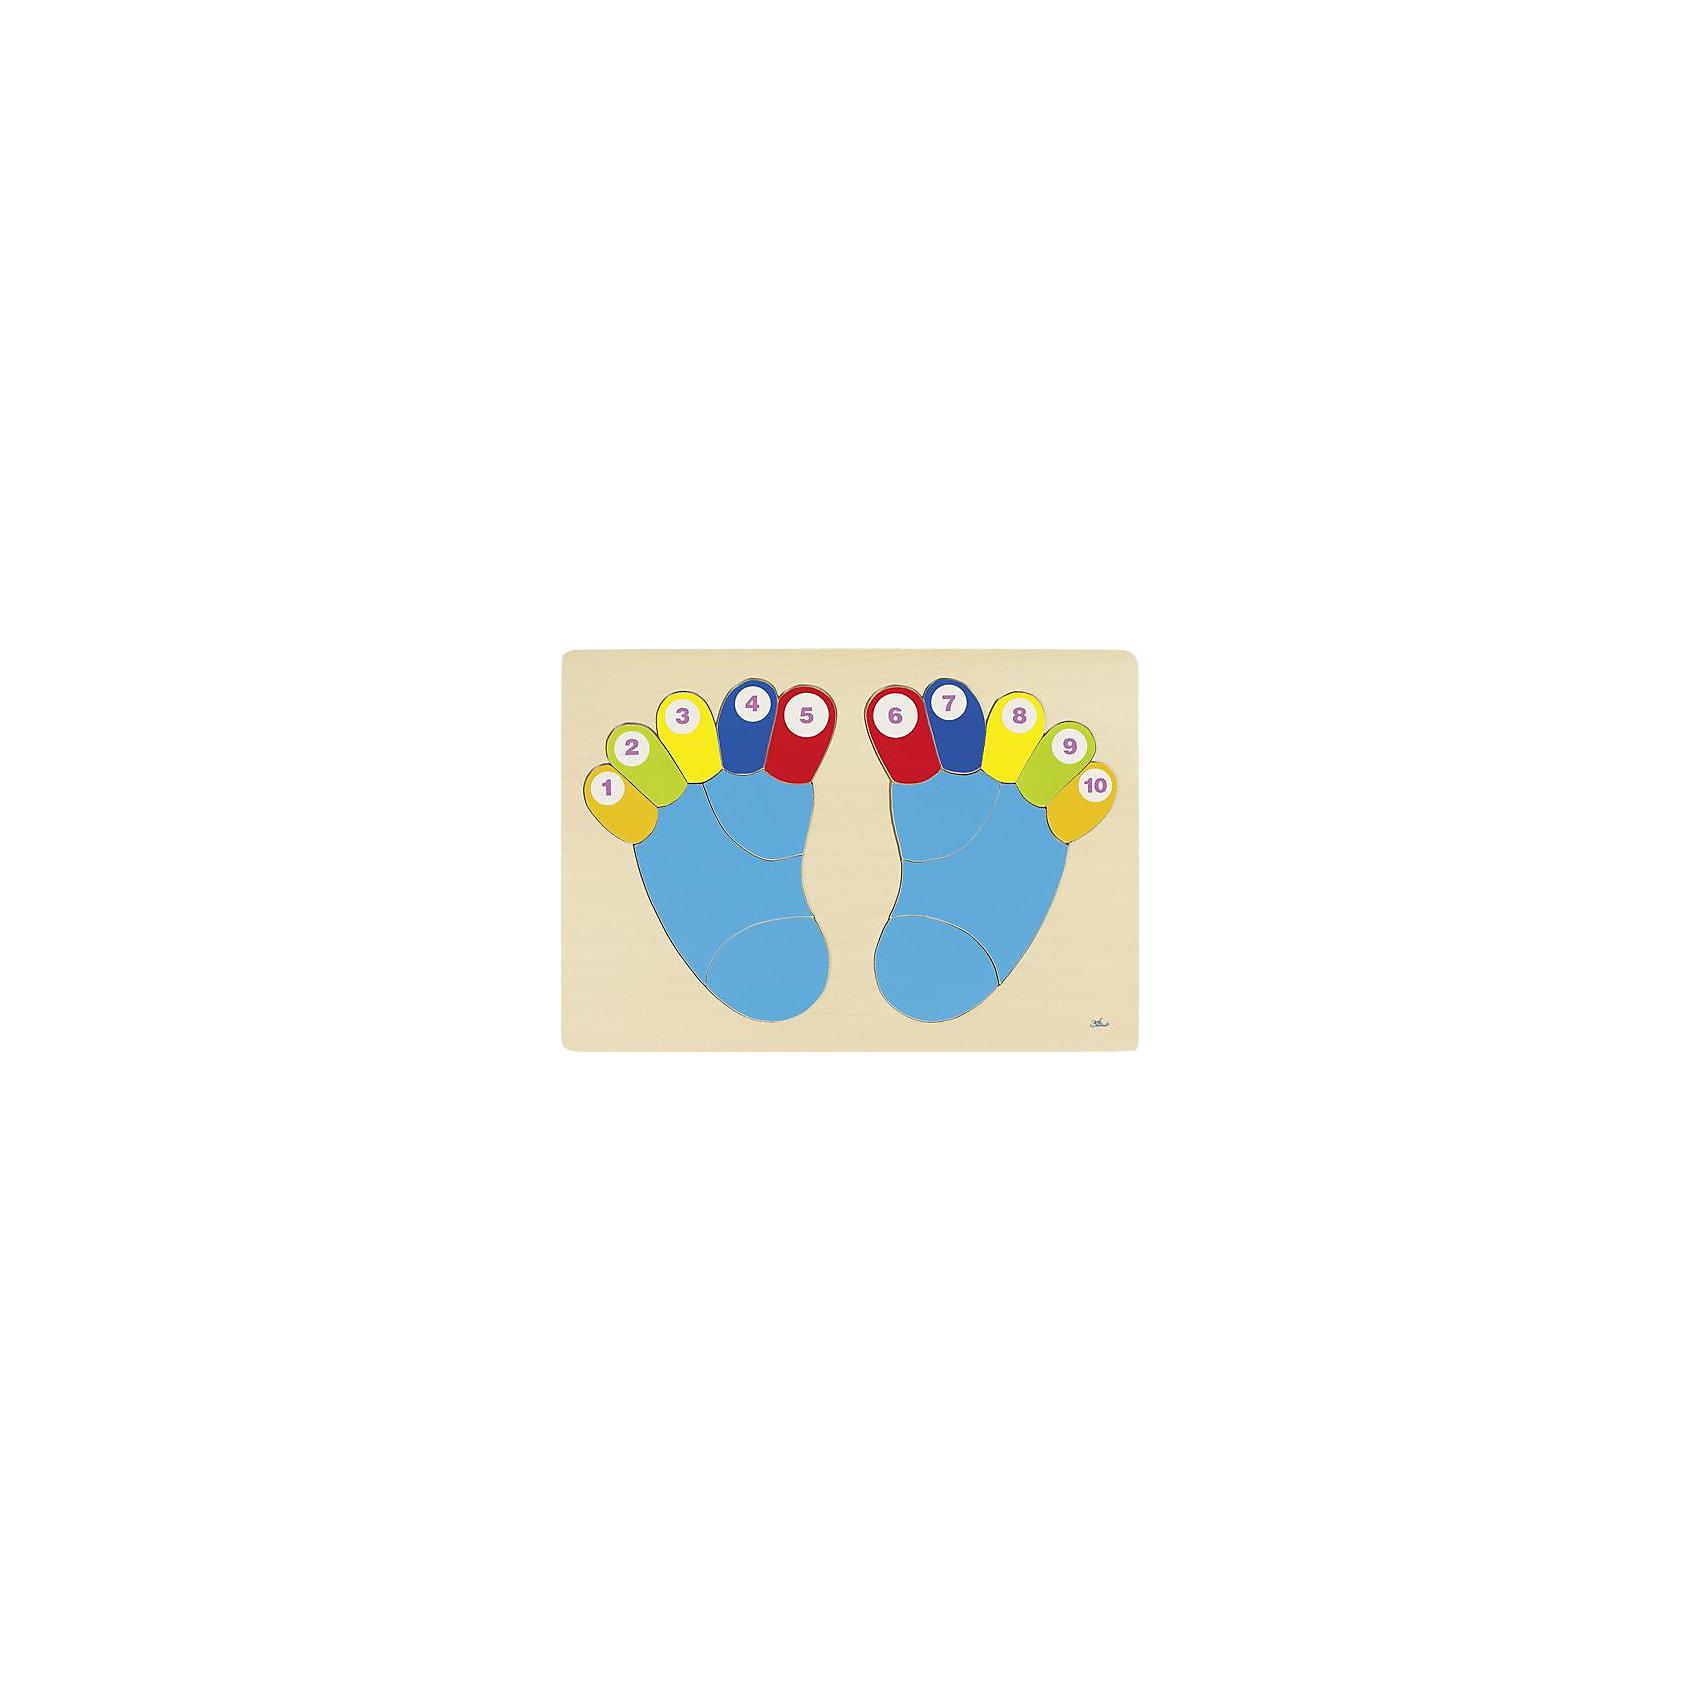 Пазл Пяточки, gokiДеревянные игры и пазлы<br>Пазл Пяточки развивает моторику, координацию движений малыша. <br><br>Собирайте пазл вместе с ребенком, четко называя цвета и цифры, и тогда малыш, в соответствии с возрастом, быстрее освоит счет или цвета. <br><br>Дополнительная информация:<br><br>- Материалы: дерево<br>- Размер 38х26,5 см. <br>- Возраст от 2-х лет<br><br>Ширина мм: 378<br>Глубина мм: 6<br>Высота мм: 264<br>Вес г: 39<br>Возраст от месяцев: 24<br>Возраст до месяцев: 60<br>Пол: Унисекс<br>Возраст: Детский<br>SKU: 2328671